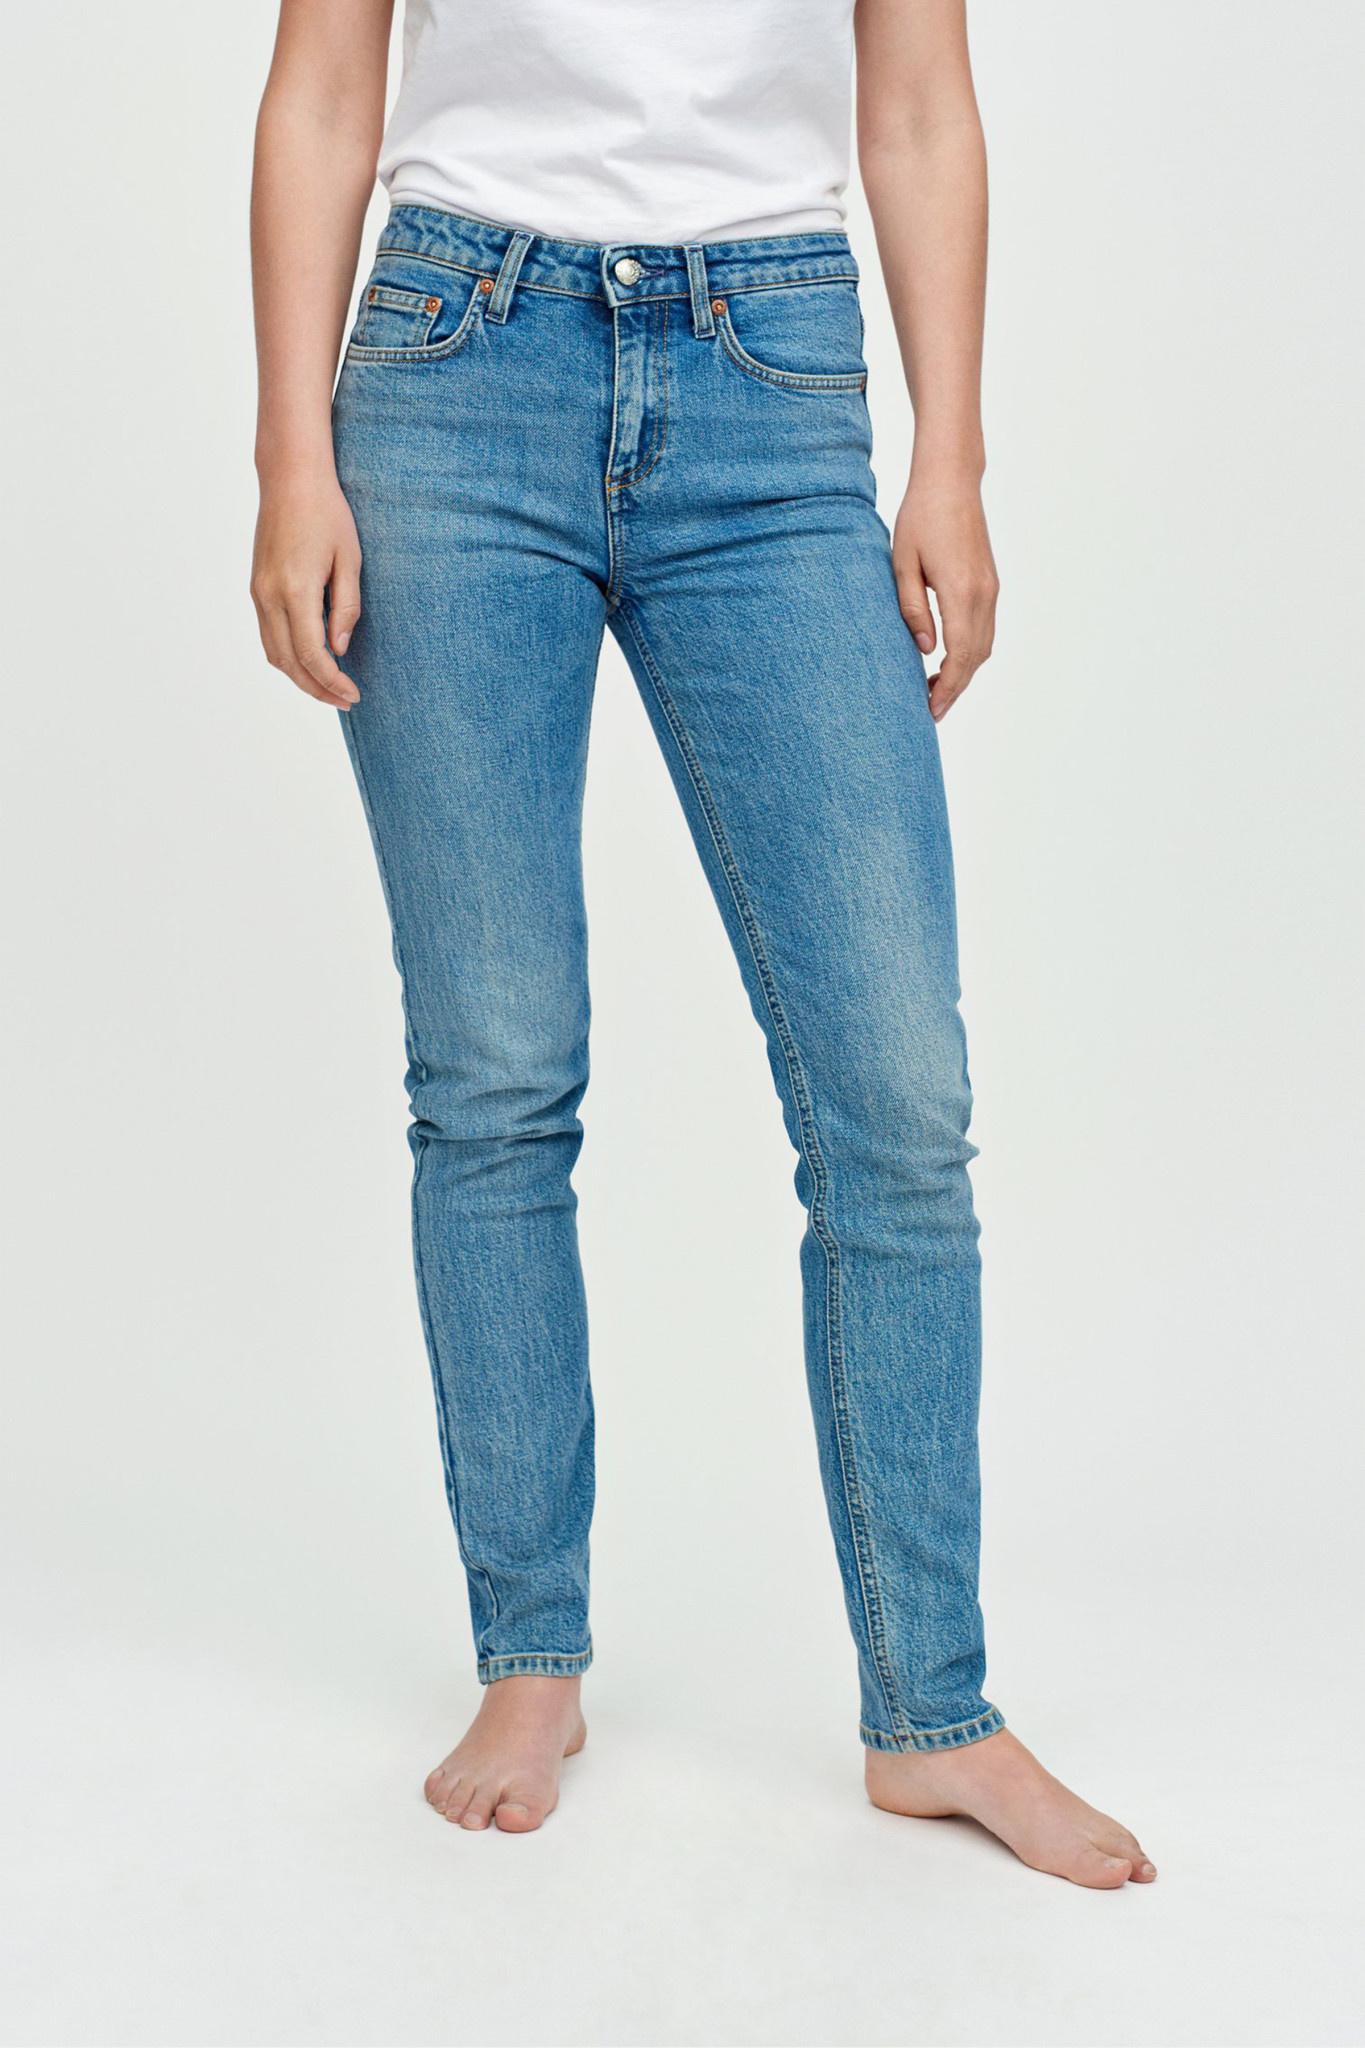 Patti B Jeans - True Blue 6-1